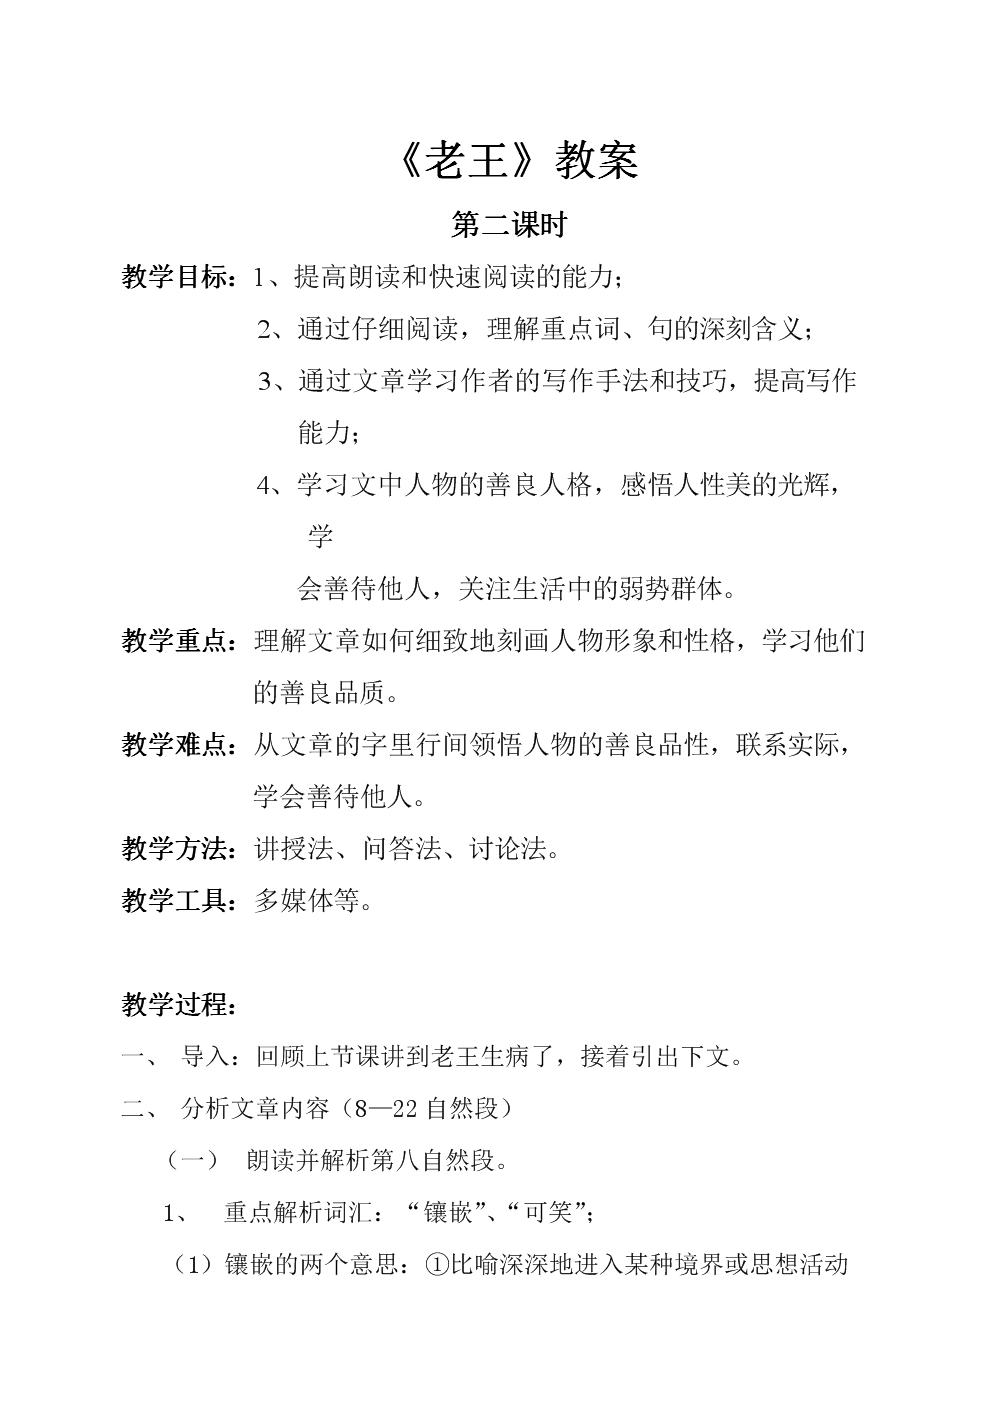 老王教案(第二課時).doc